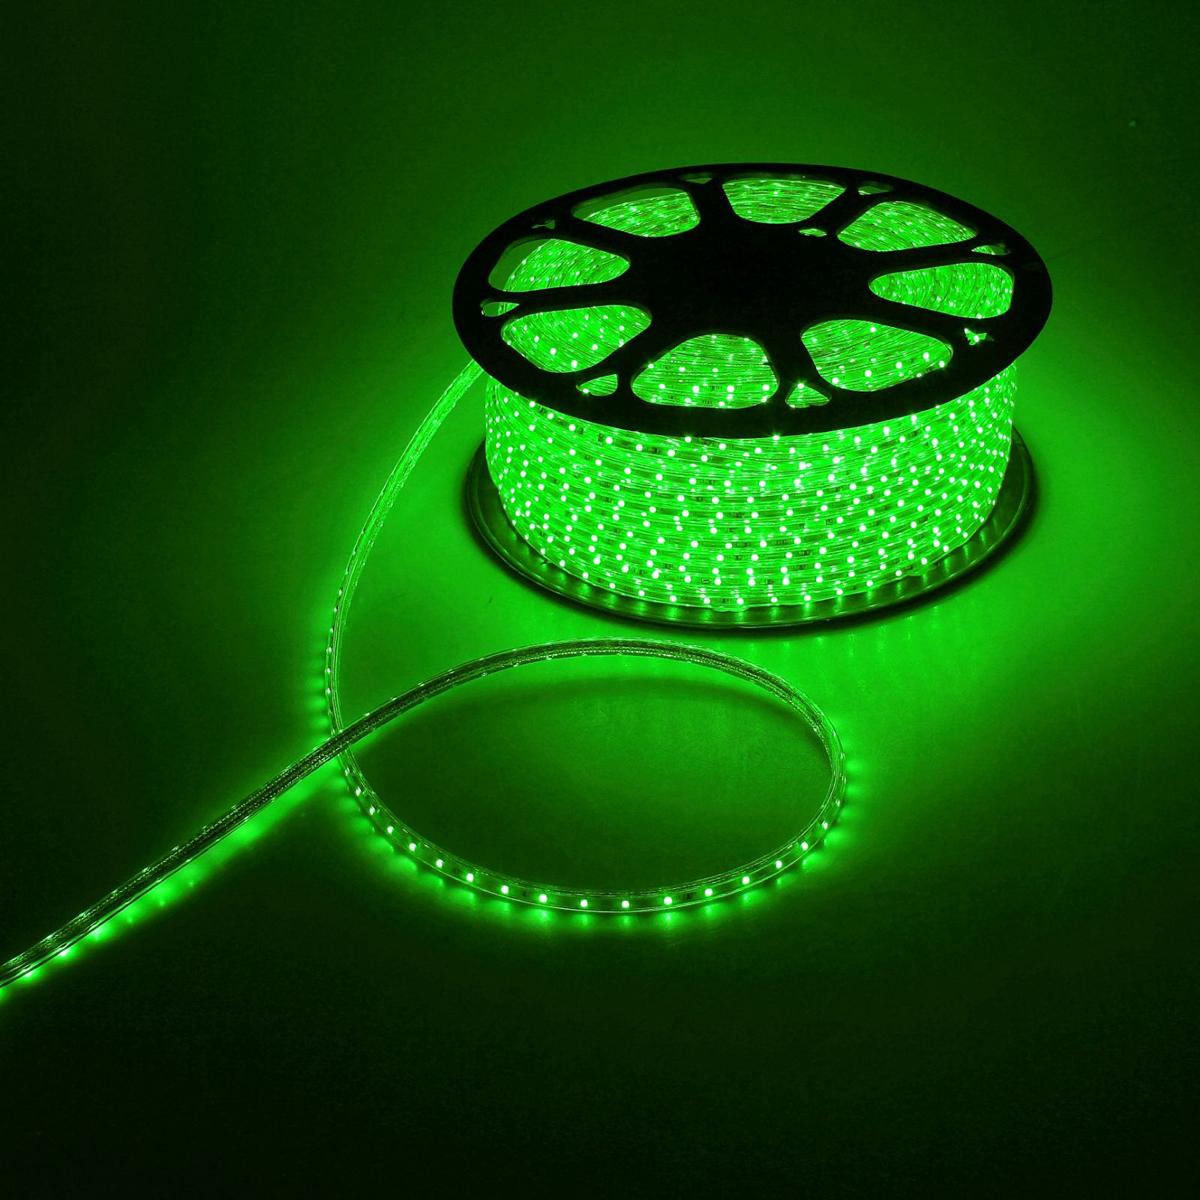 Светодиодная лента Luazon, 220В, SMD3528, длина 100 м, IP65, 60 LED ламп, 4.8 Вт/м, 16-18 Лм/1 LED, AC, цвет: зеленый883983Светодиодные гирлянды, ленты и т.д — это отличный вариант для новогоднего оформления интерьера или фасада. С их помощью помещение любого размера можно превратить в праздничный зал, а внешние элементы зданий, украшенные ими, мгновенно станут напоминать очертания сказочного дворца. Такие украшения создают ауру предвкушения чуда. Деревья, фасады, витрины, окна и арки будто специально созданы, чтобы вы украсили их светящимися нитями.